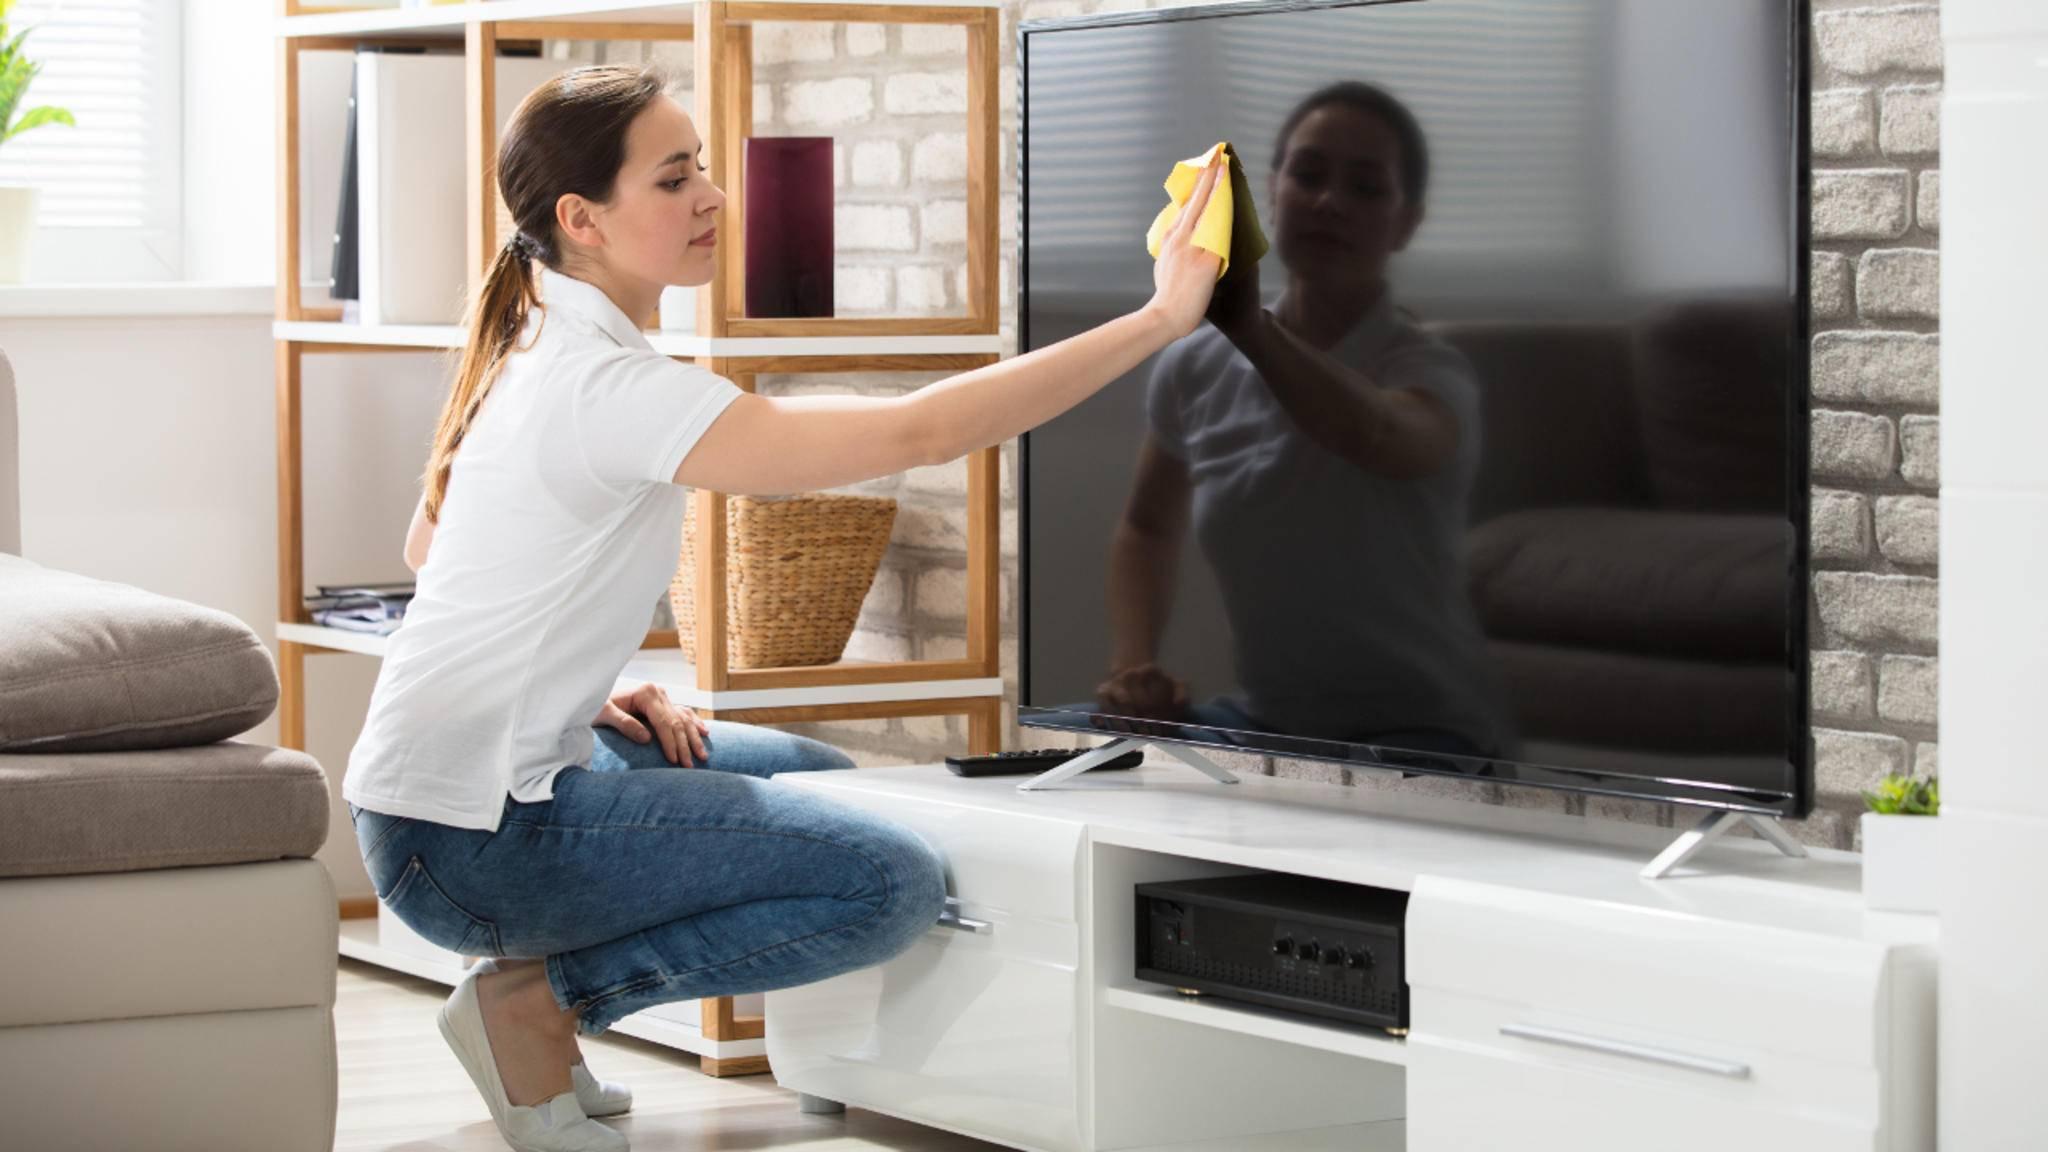 Auf dem ausgeschalteten Fernseher siehst Du Verschmutzungen besser.